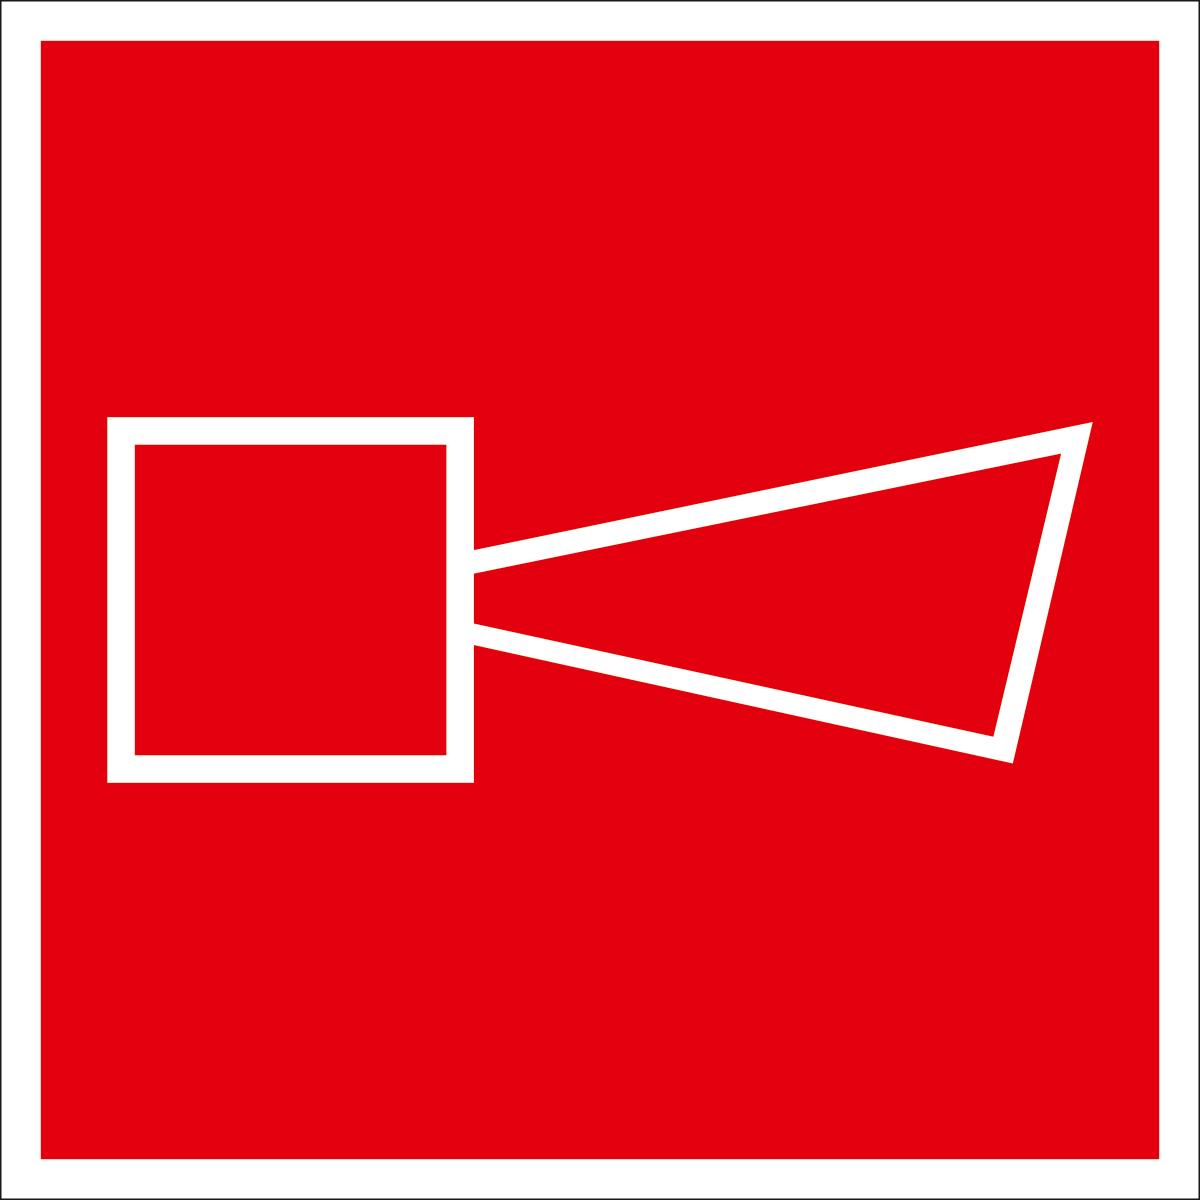 Наклейка информационная Оранжевый Слоник Звуковой оповещатель пожарной тревоги, 15 х 15 смINF001RGBИнформационные наклейки предназначенны для предупреждения людей о непосредственной или возможной опасности, запрещения, предписания или разрешения определенных действий, а также для информации о расположении объектов и средств, использование которых ислючает или снижает воздействие опасных и (или) вредных факторов.